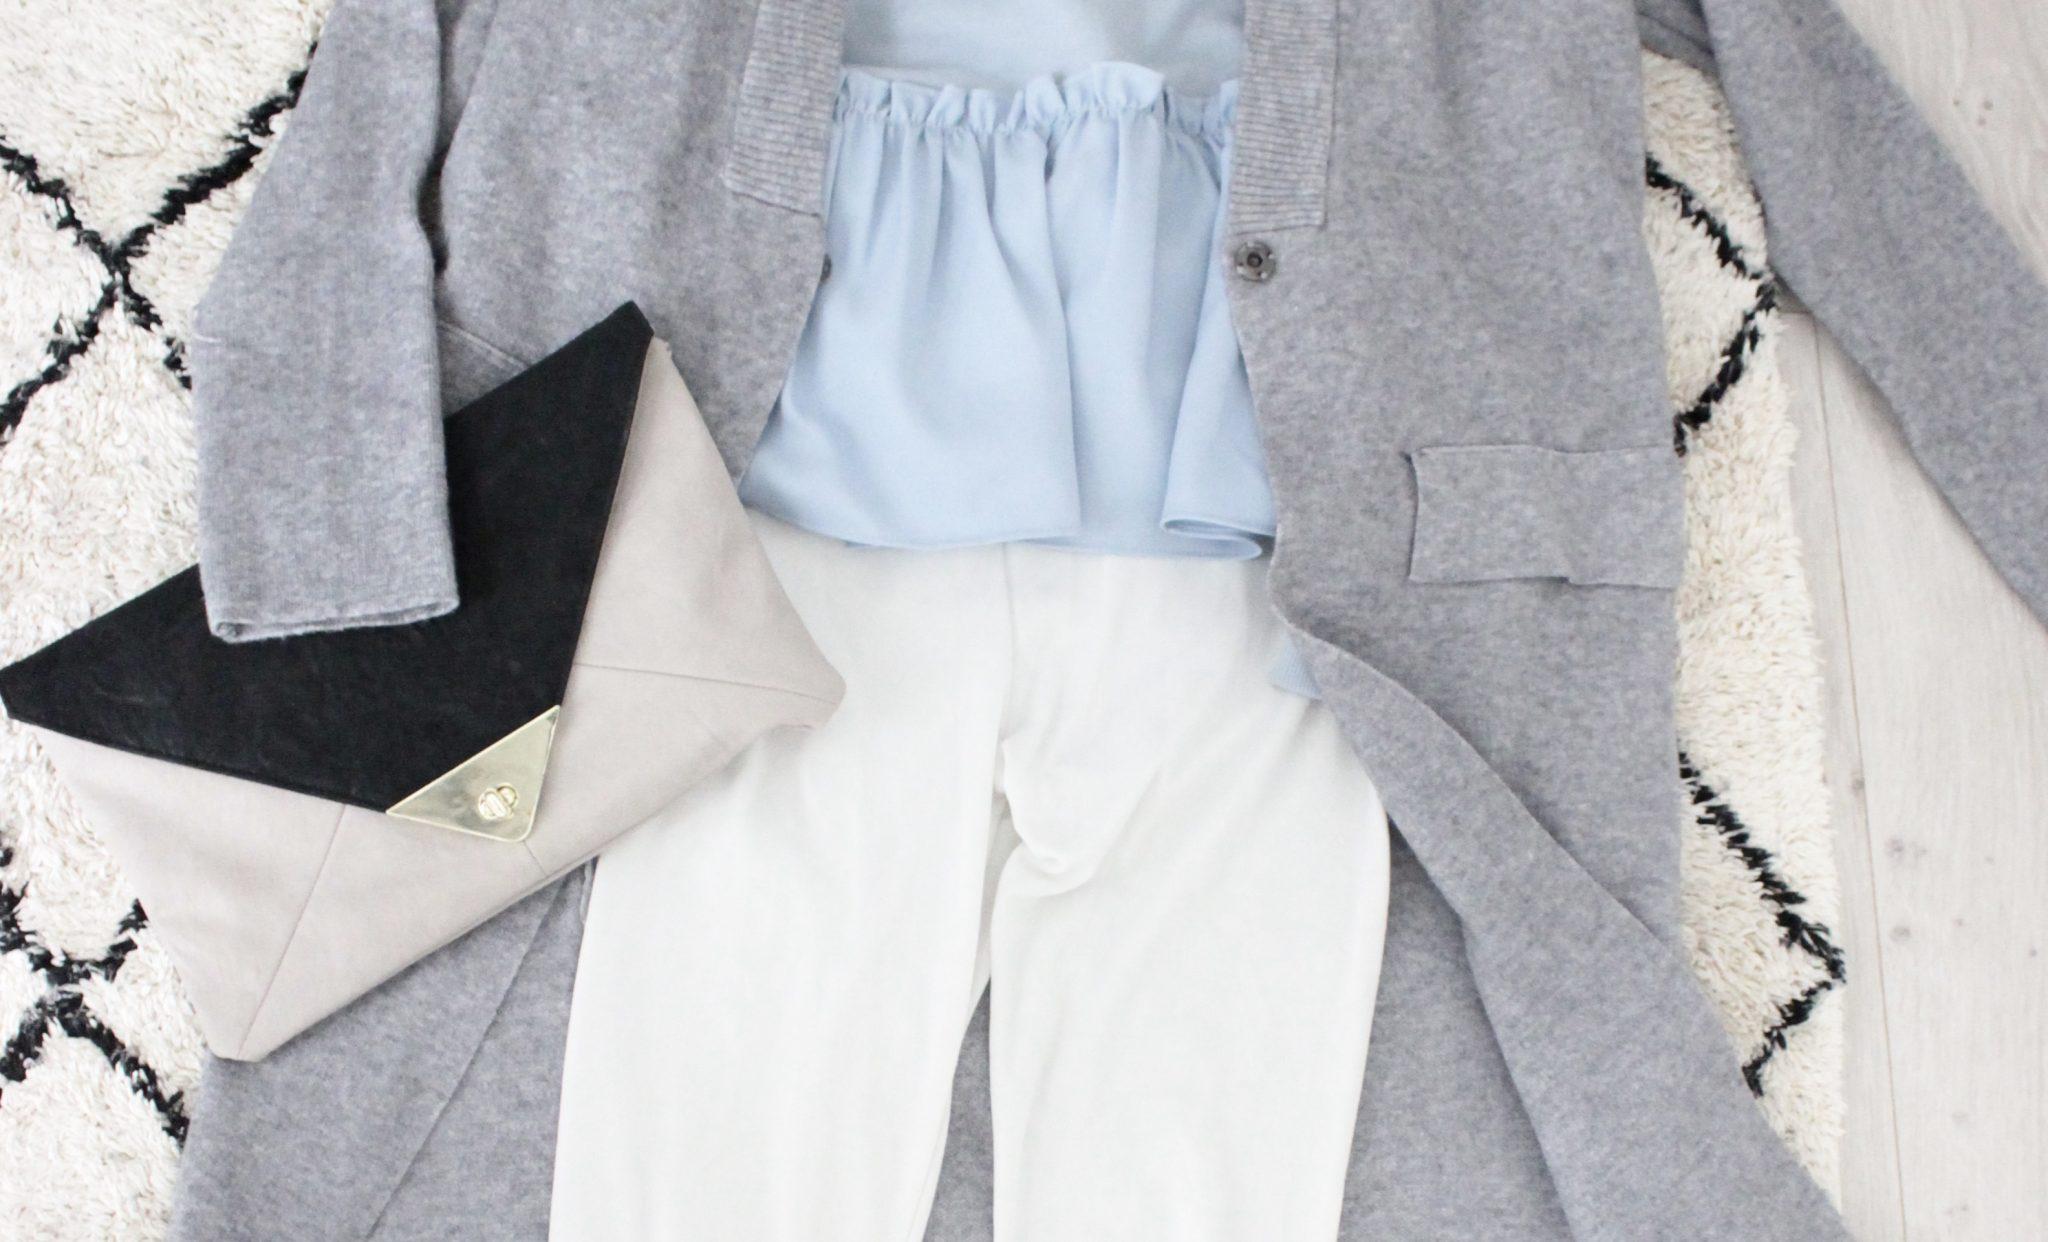 《30代コーディネート 》白パンツ×パステルカラーできれいめカジュアル春コーデ*